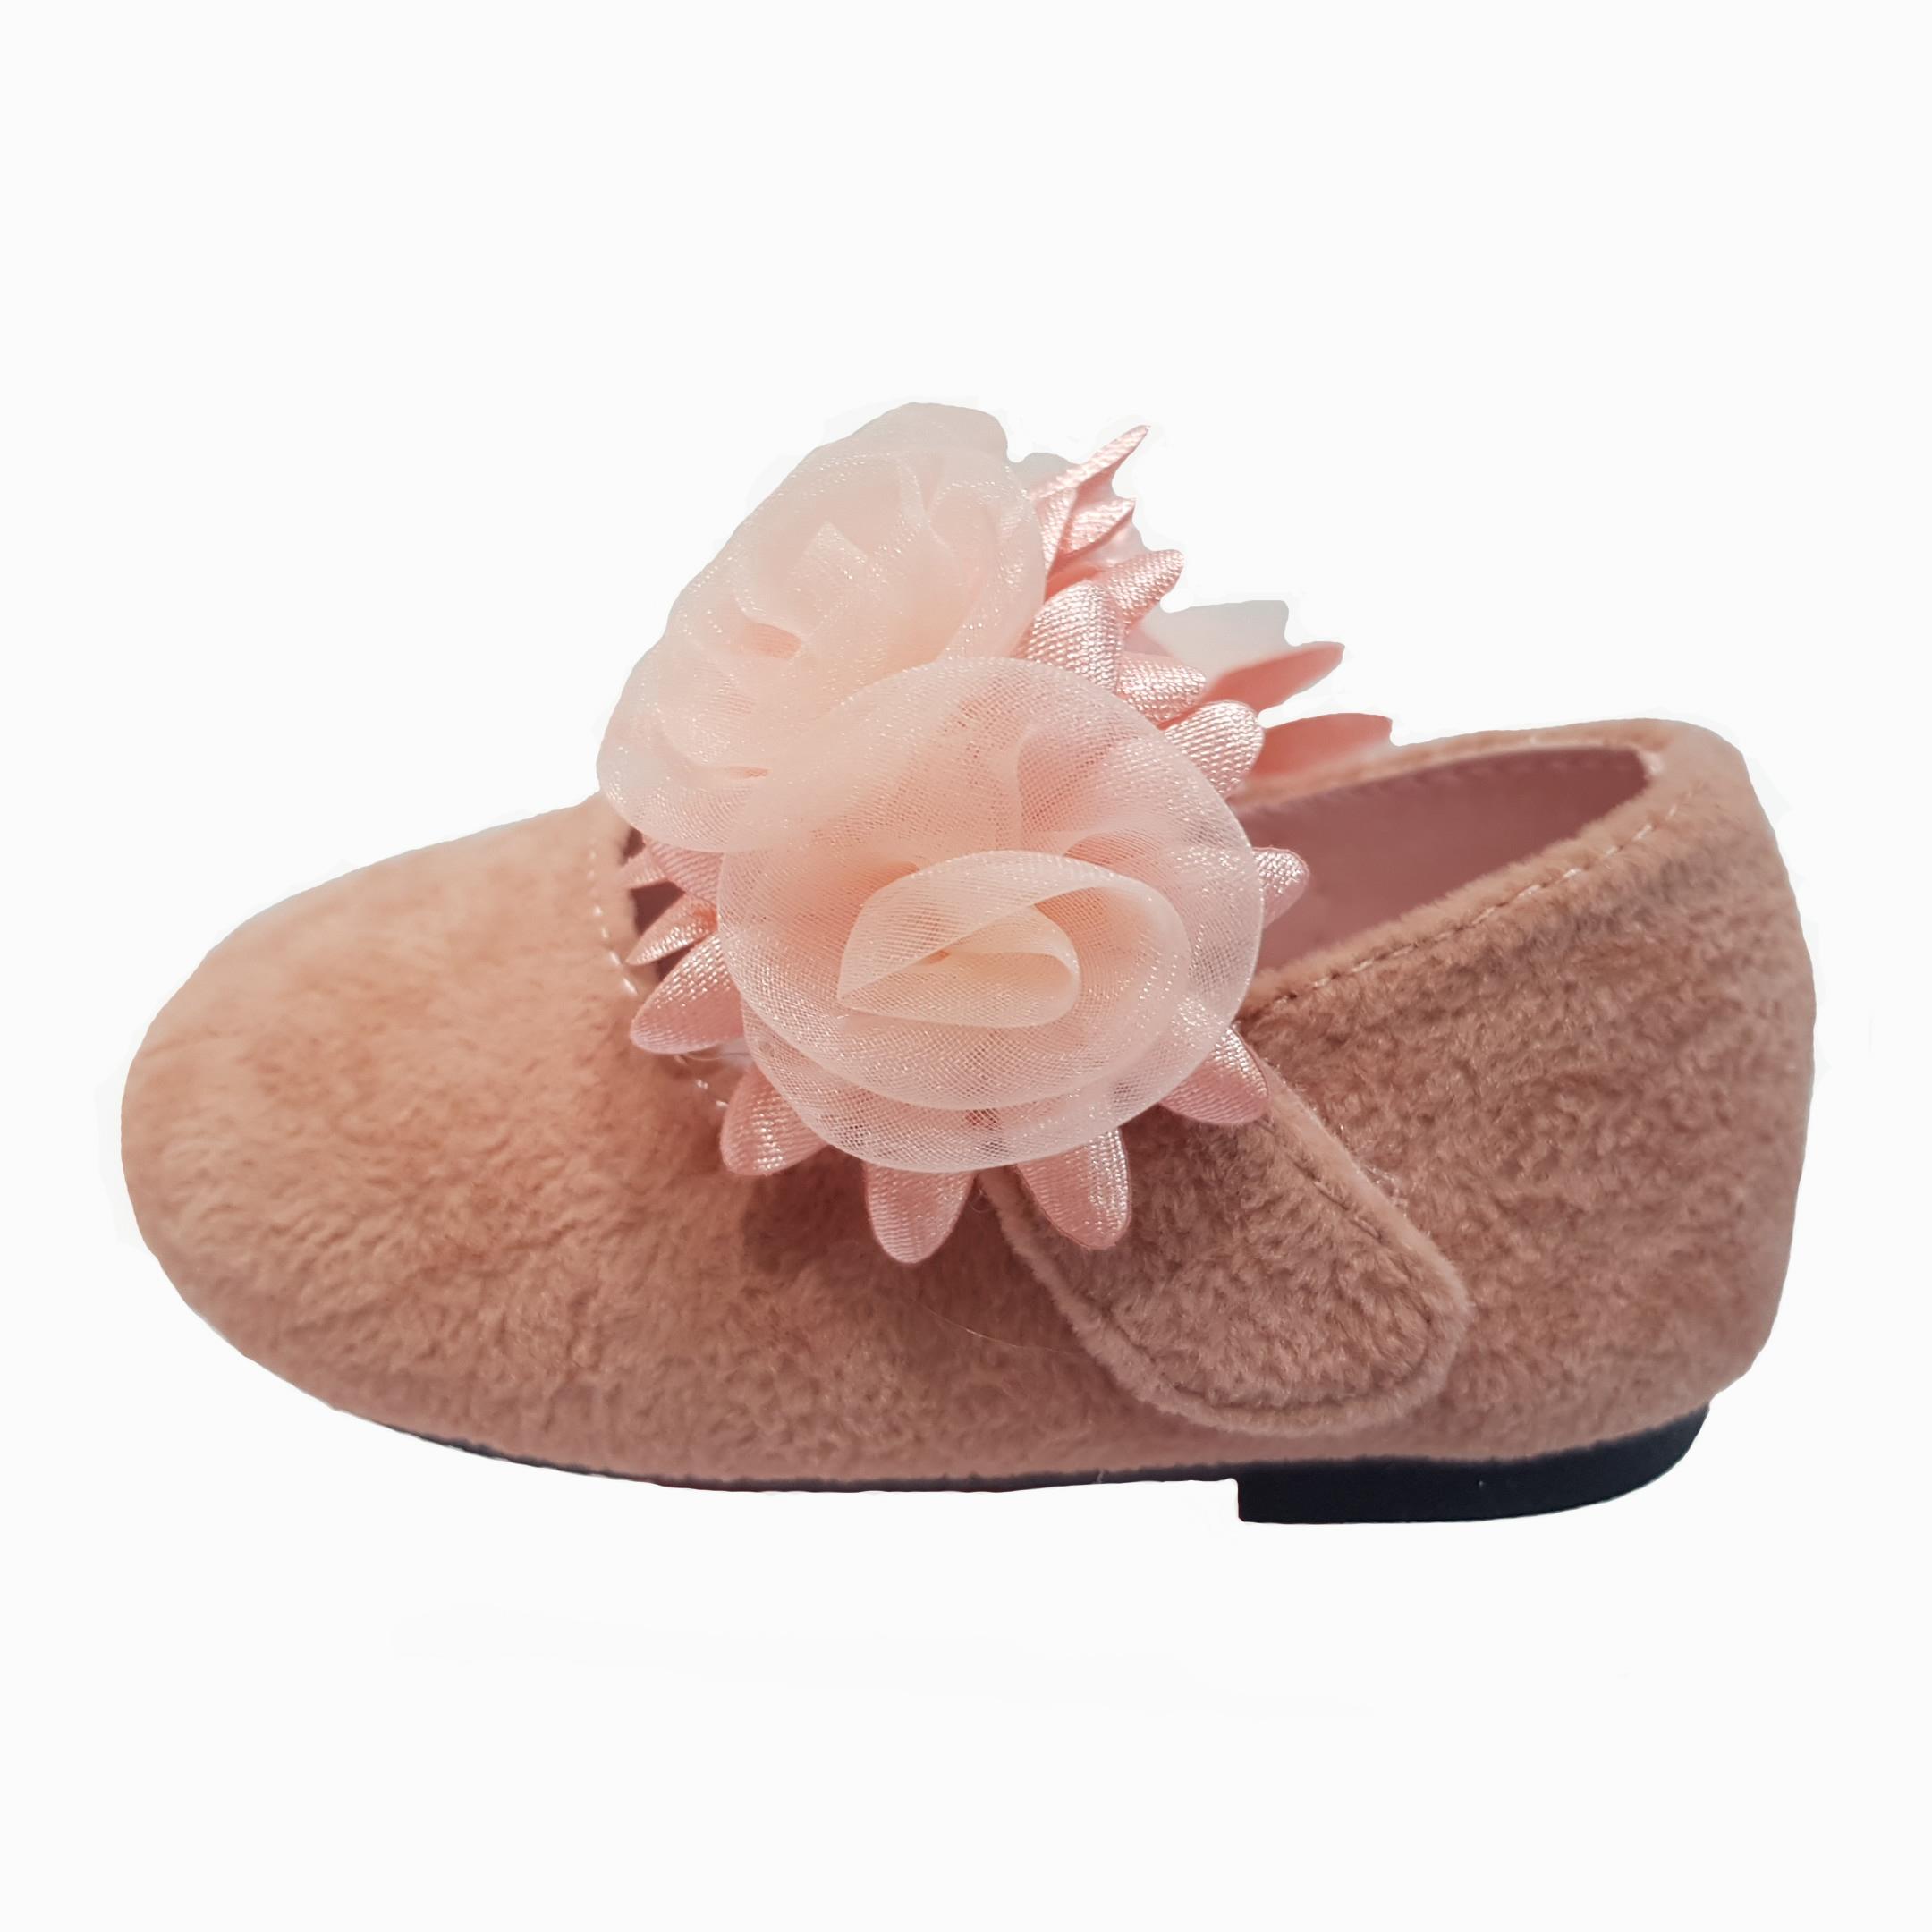 کفش دخترانه کنیک کیدز مدل LB40379 کد 4249042